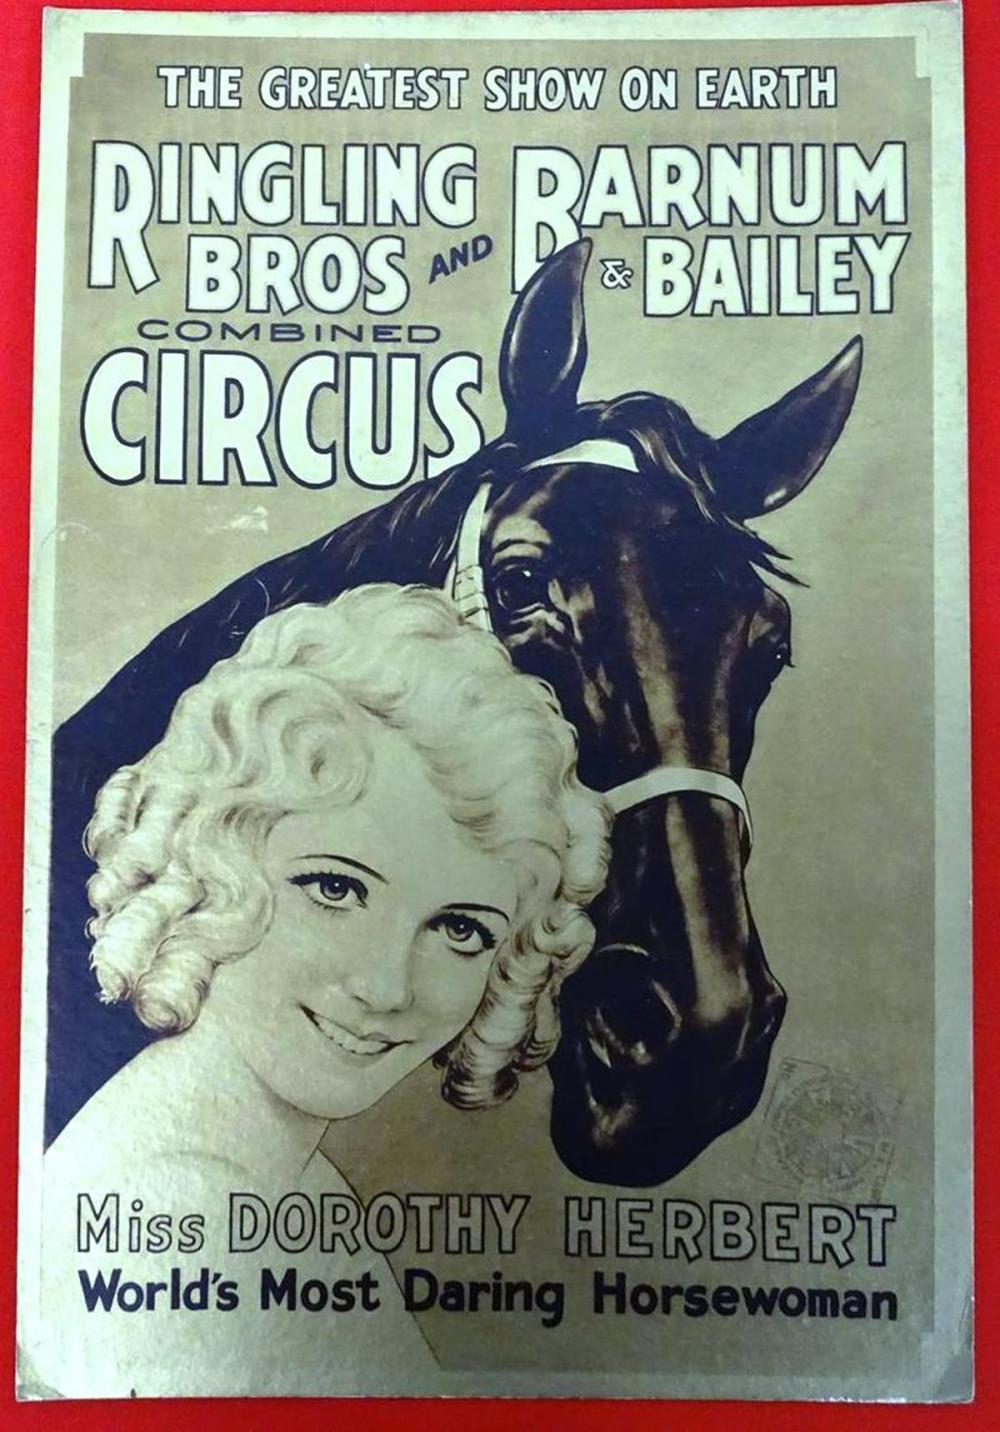 R.B.B.B. CIRCUS WINDOW CARD, 1933